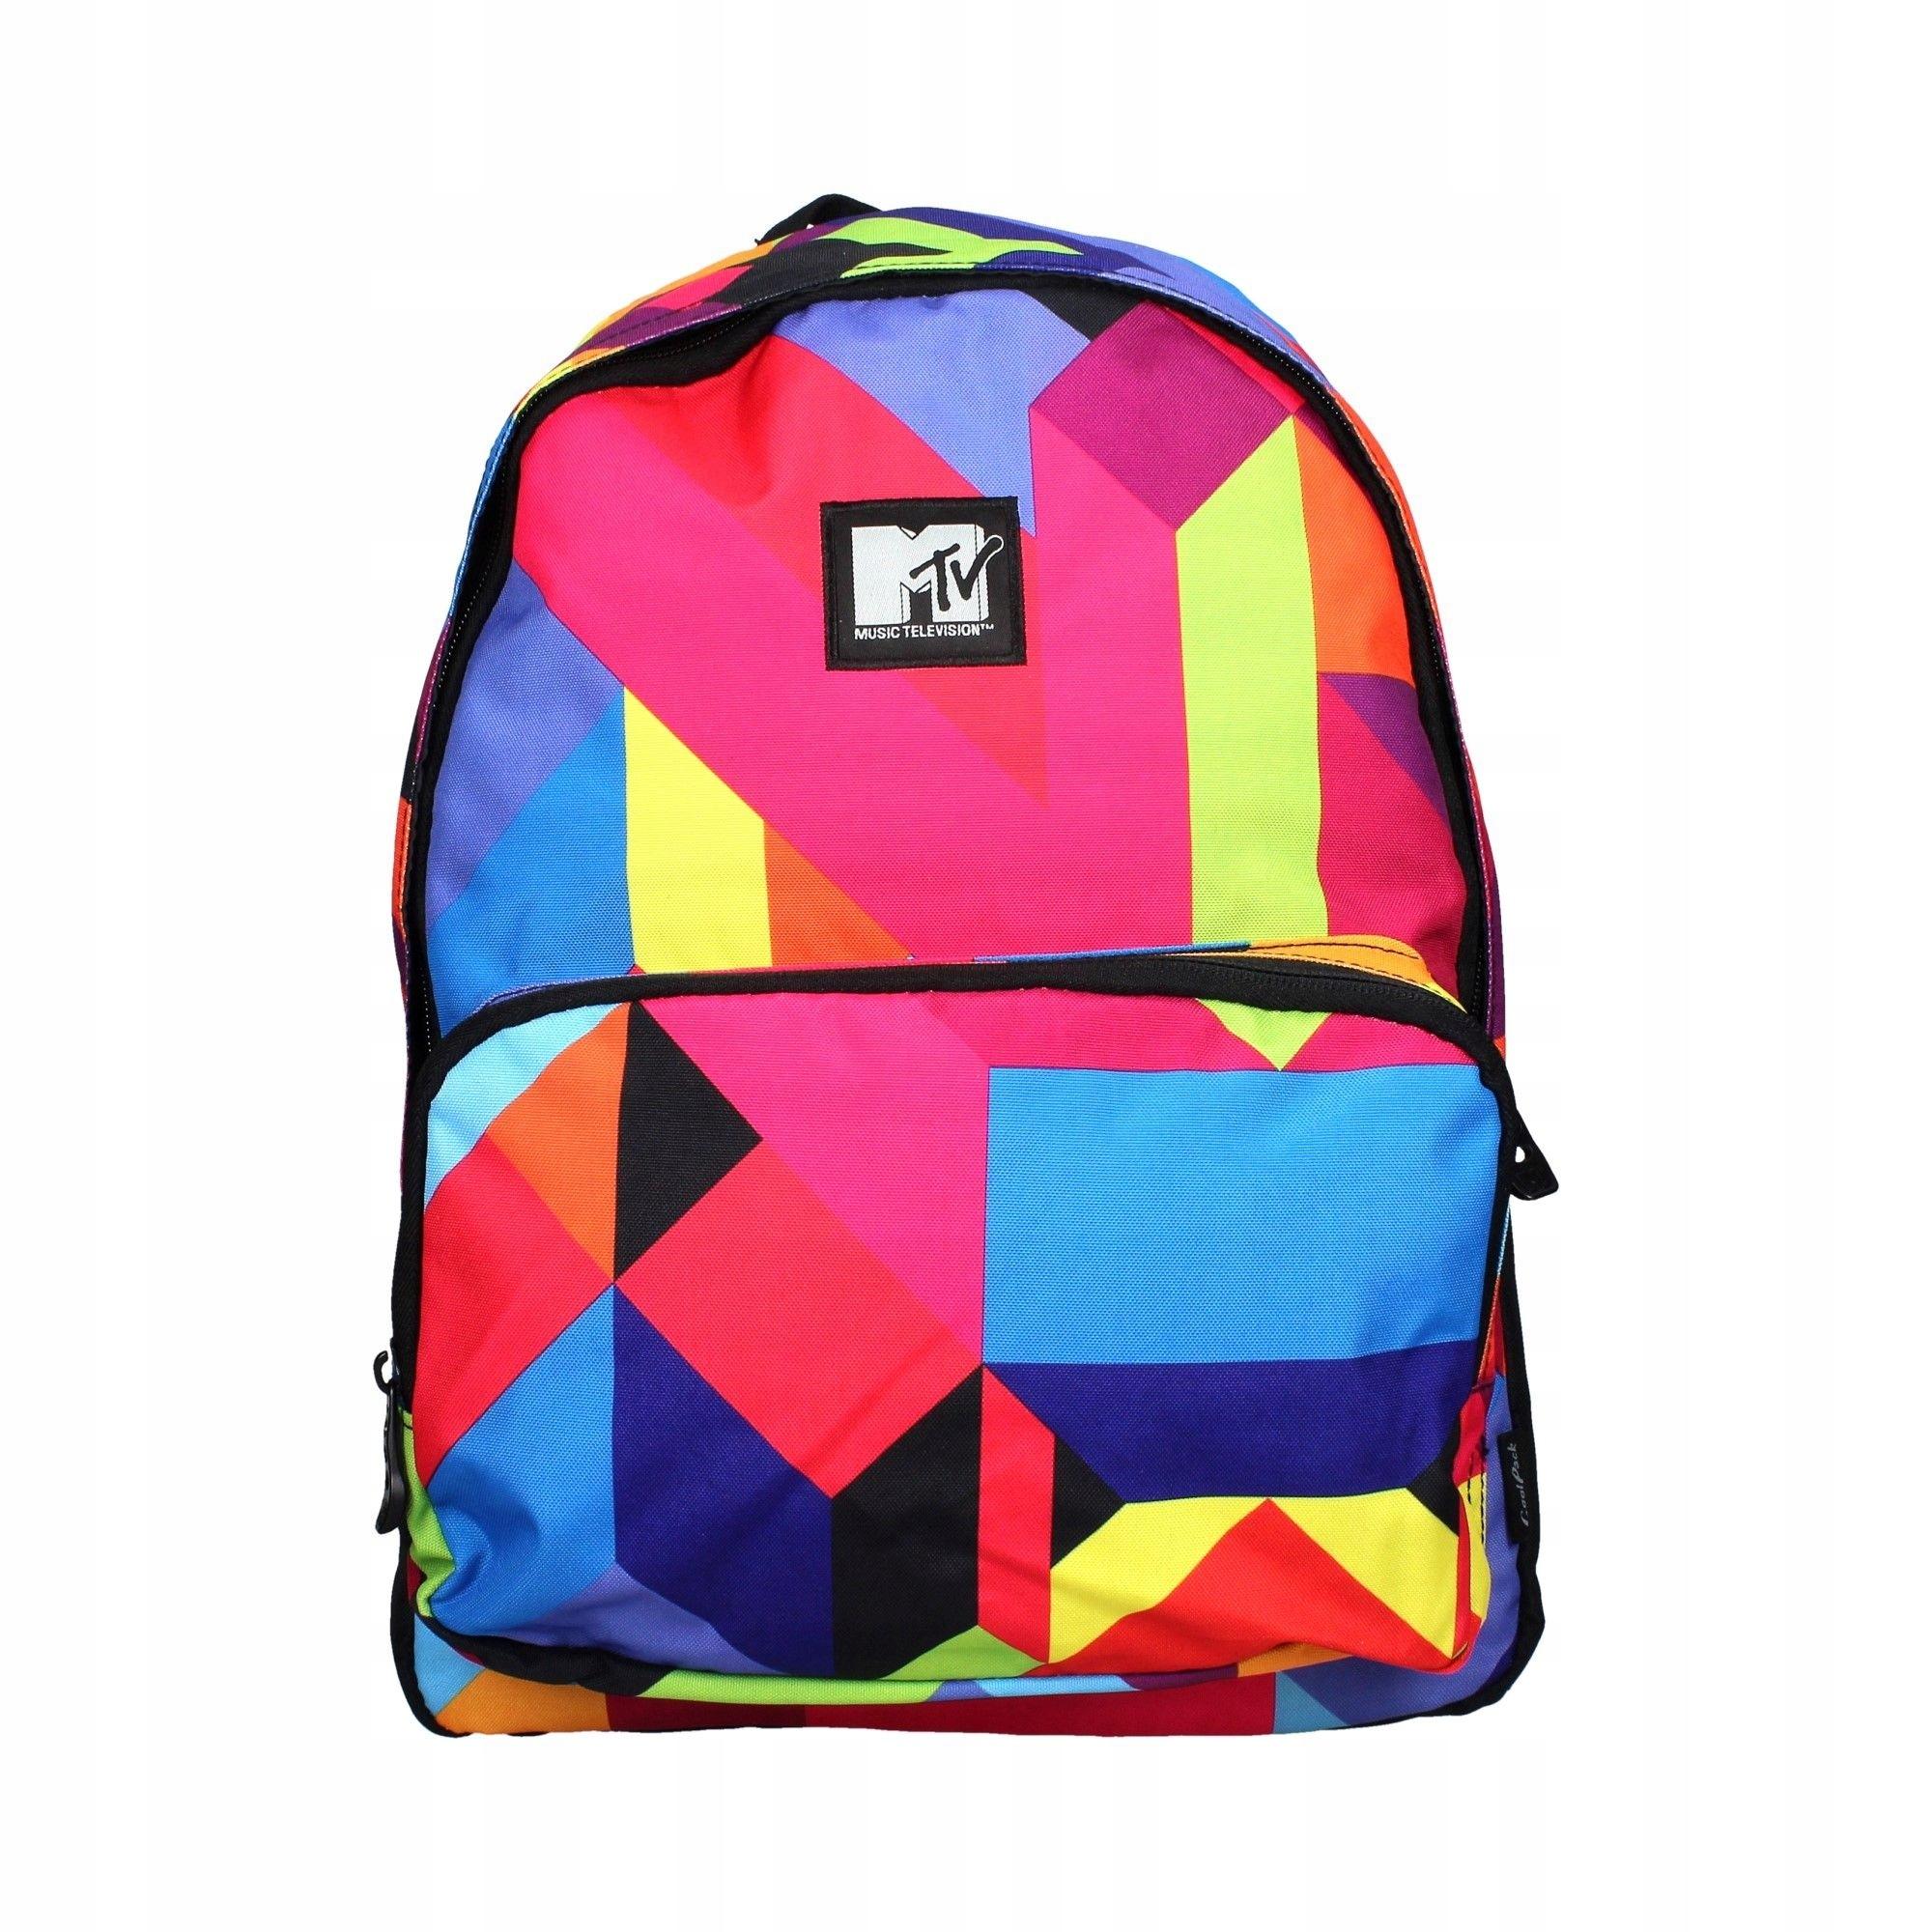 031d205b0fd51 Plecak szkolny młodzieżowy MTV Colors mały 55000CP - 7458218775 ...